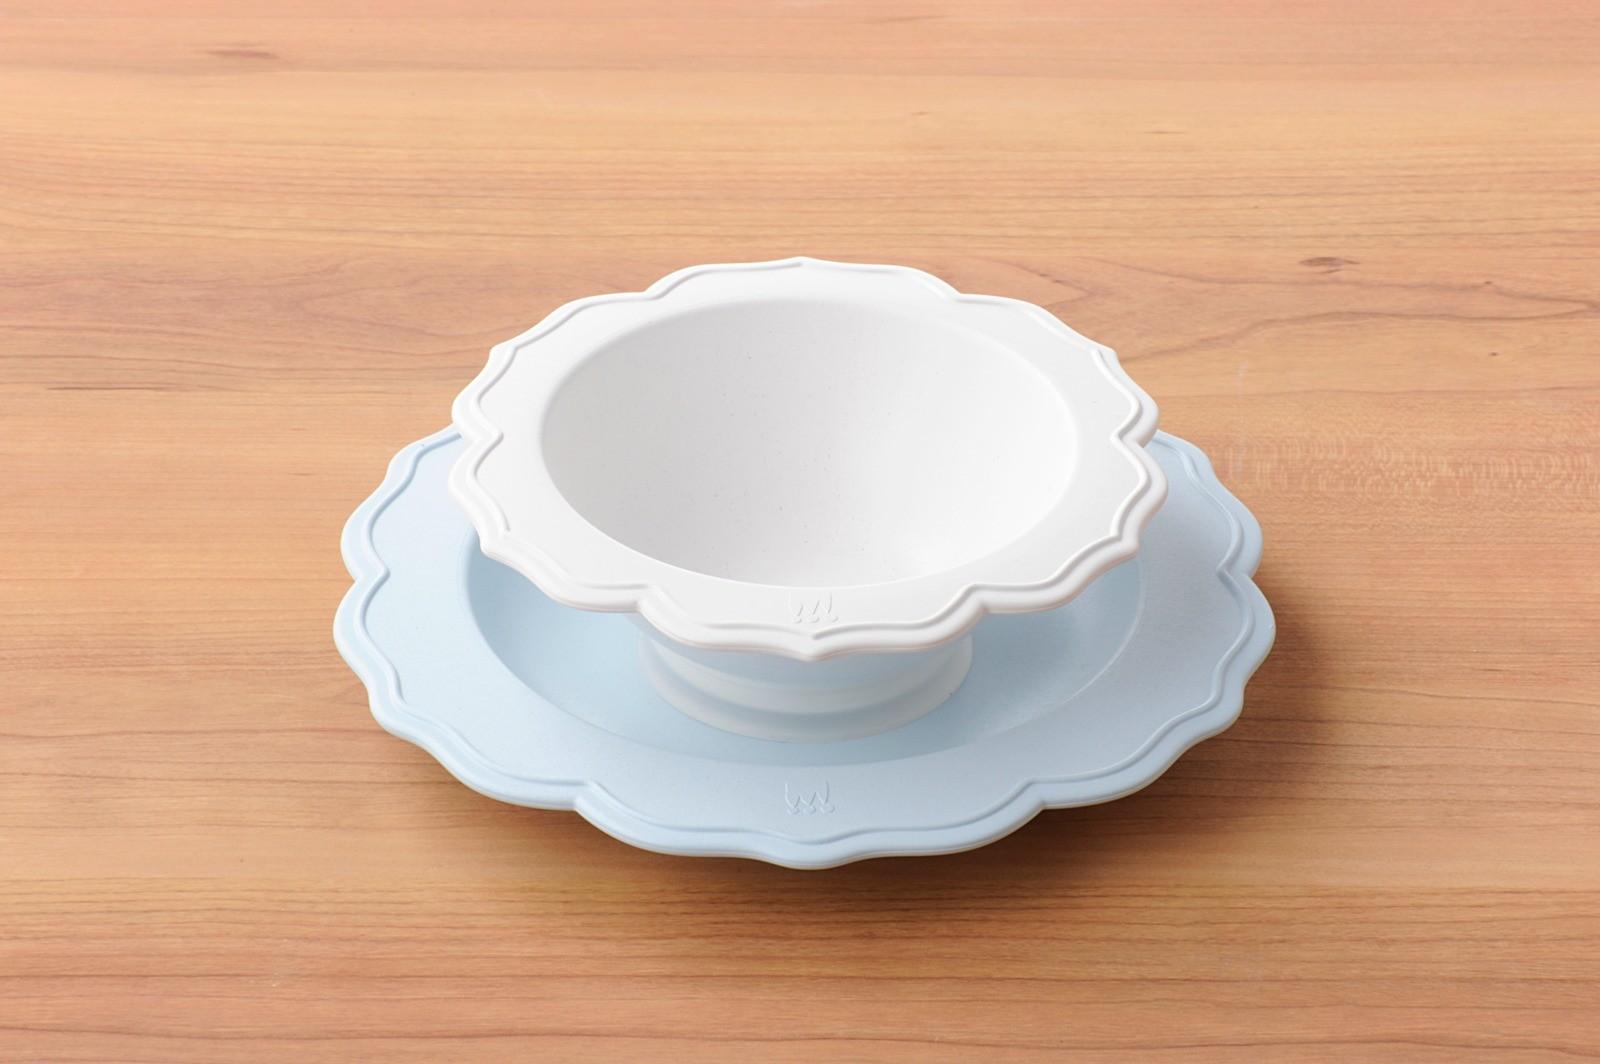 旖旎翡冷翠Reale花型碗盤-海洋中的野餐日